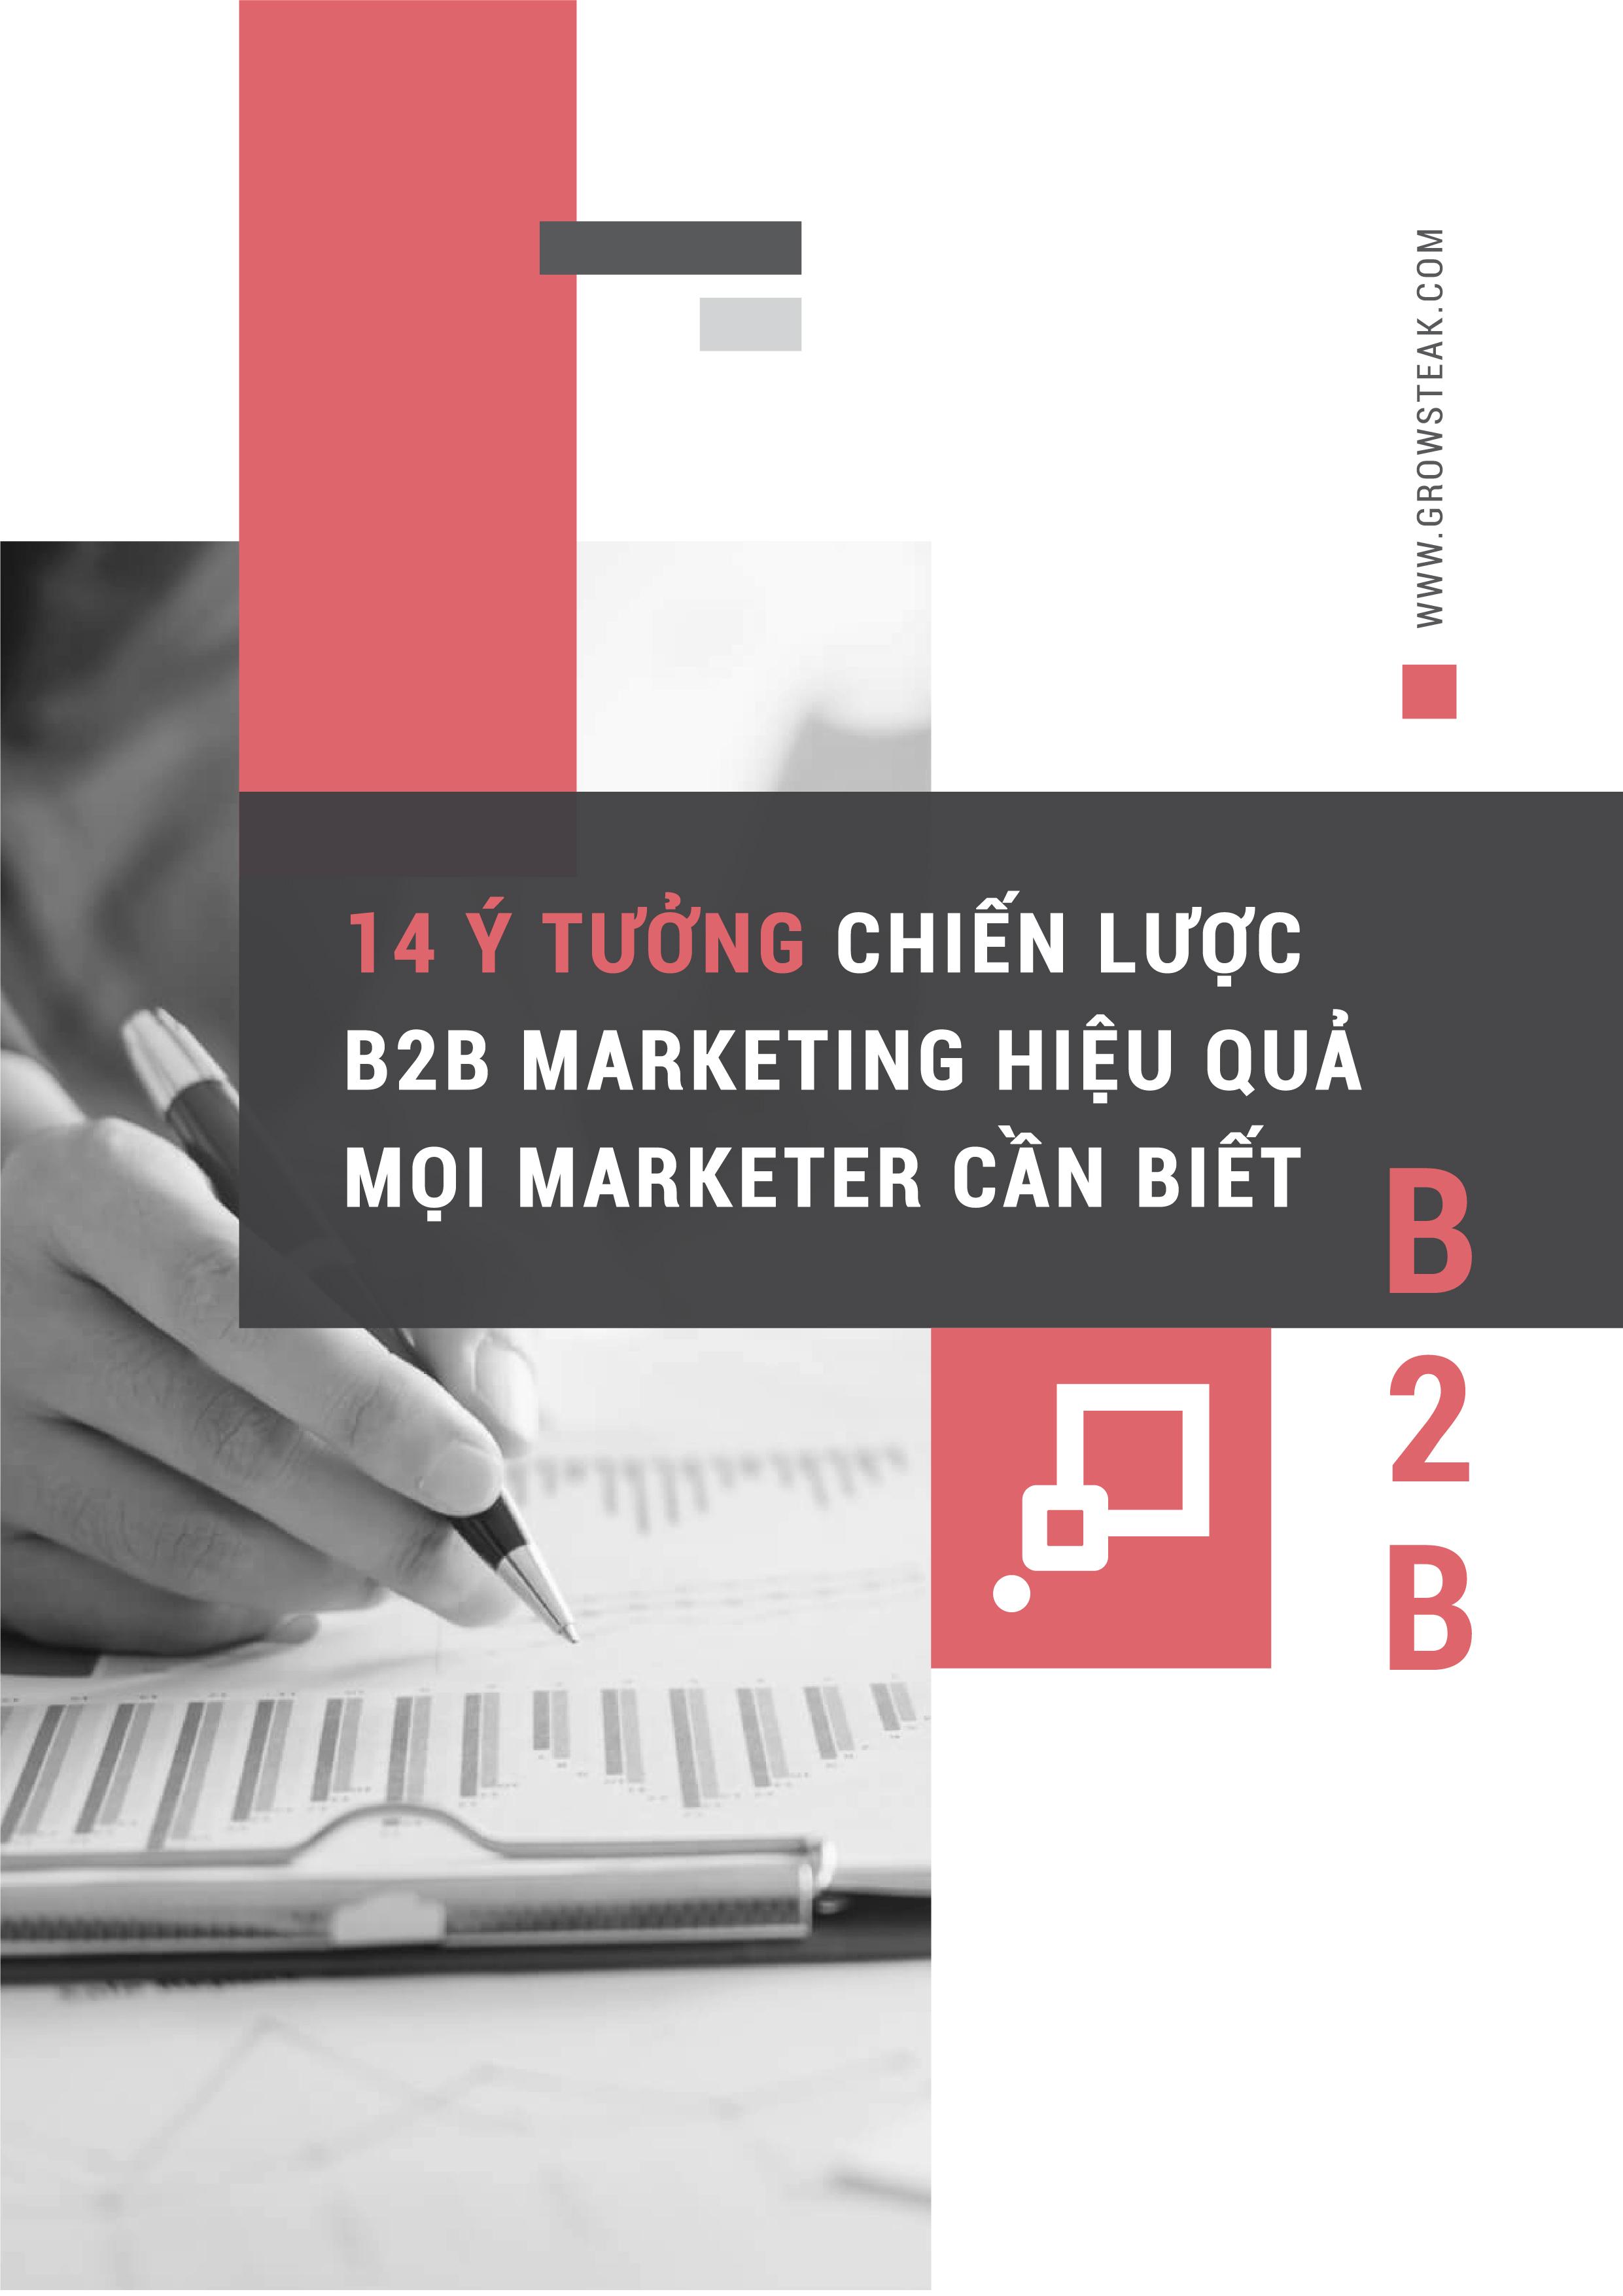 14 Ý Tưởng Chiến lược B2B Marketing Mọi Marketing Cần Biết